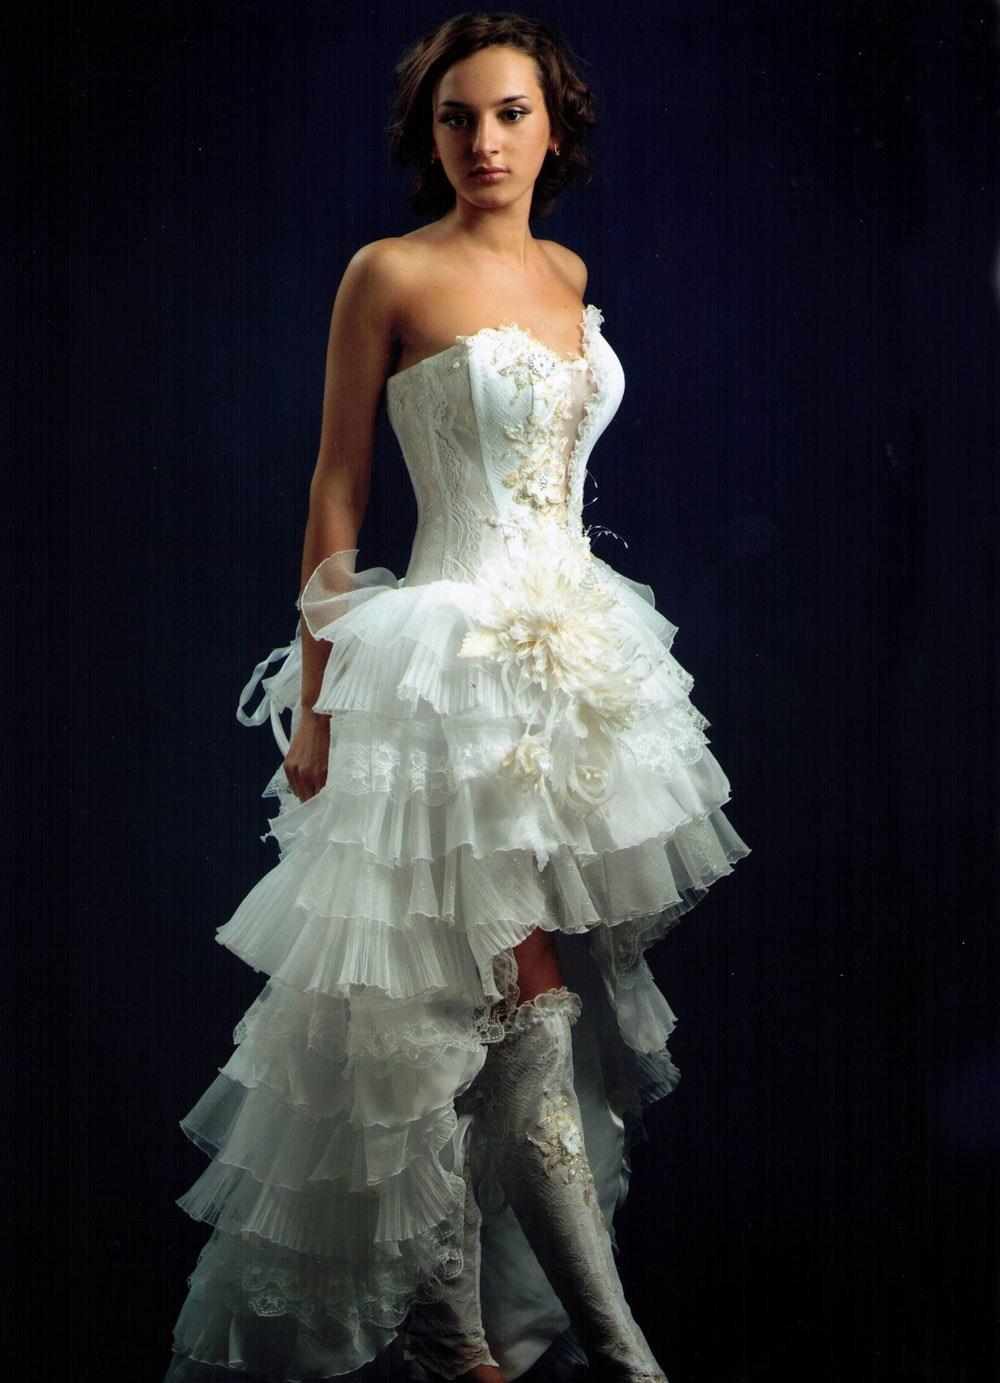 Попки свадебные платья фото, порно фото русская блядь делает минет